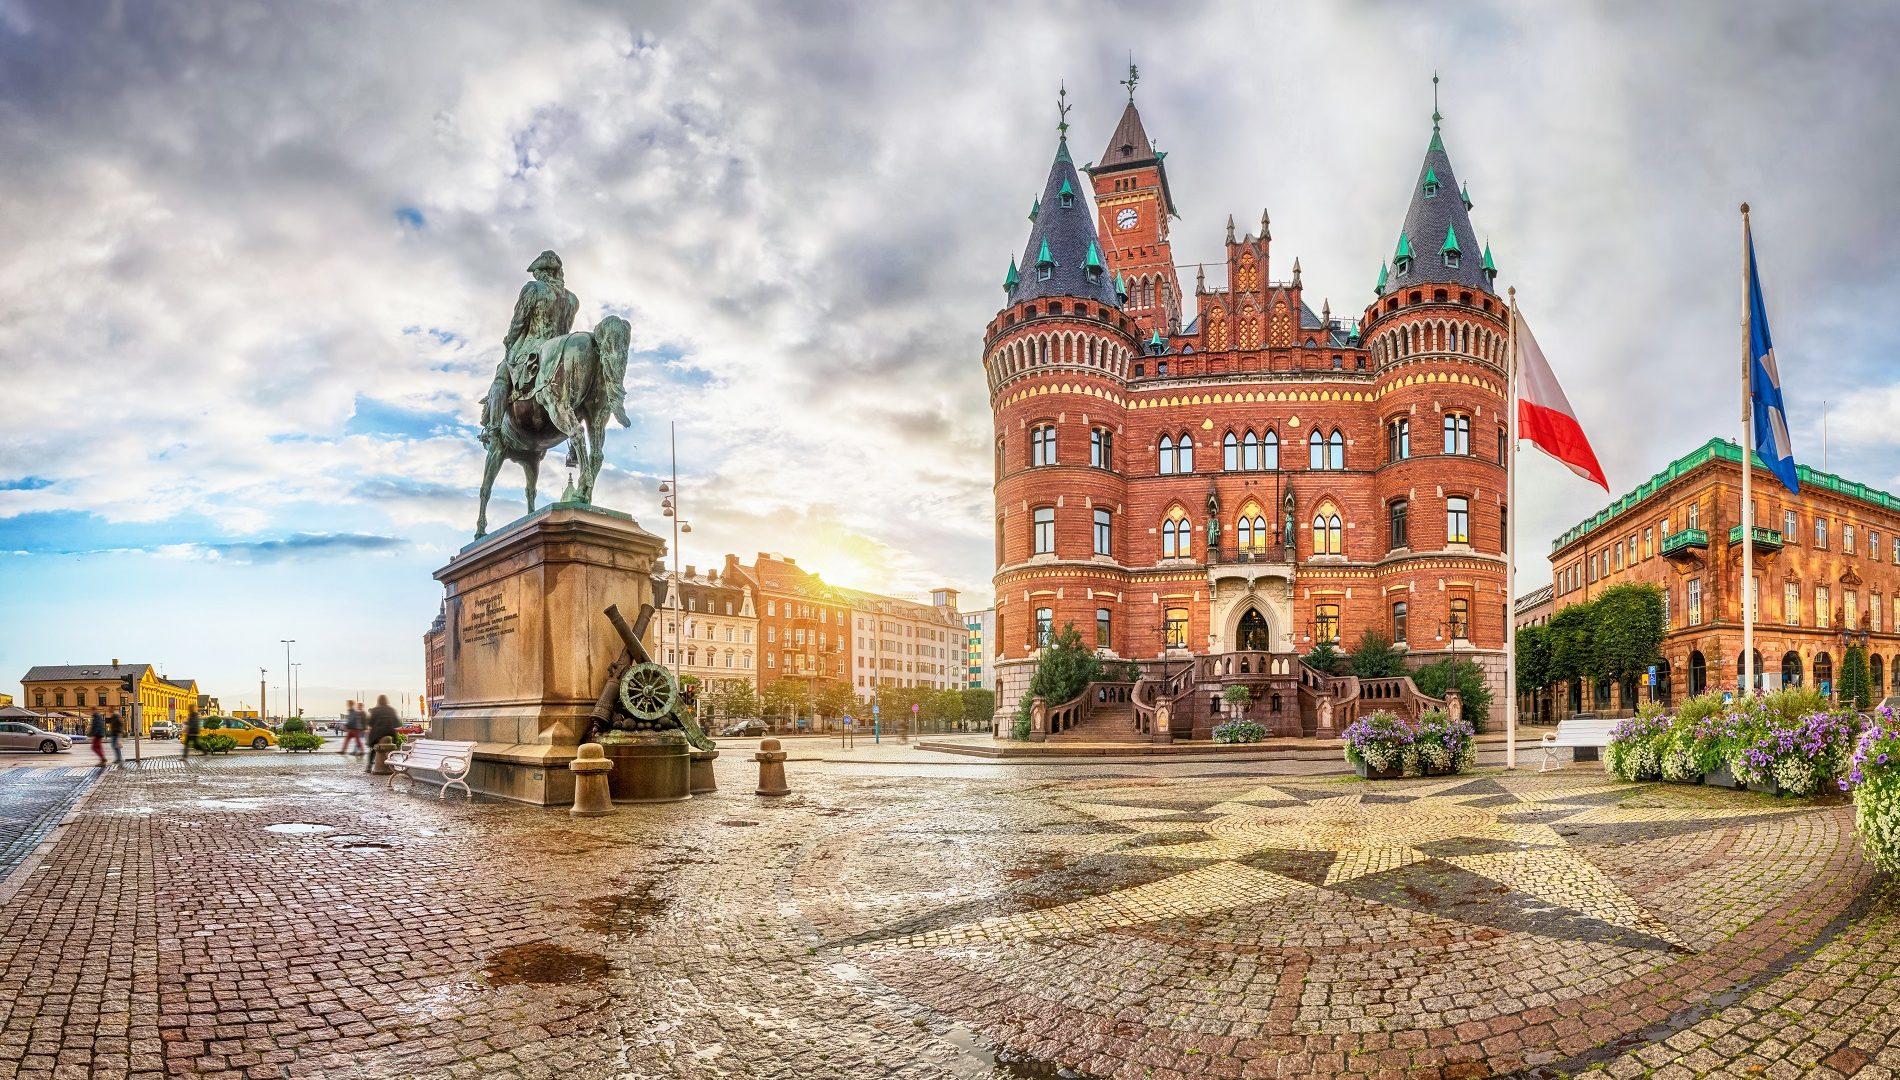 Guadagnare sullo smaltimento rifiuti: prendiamo esempio dagli svedesi